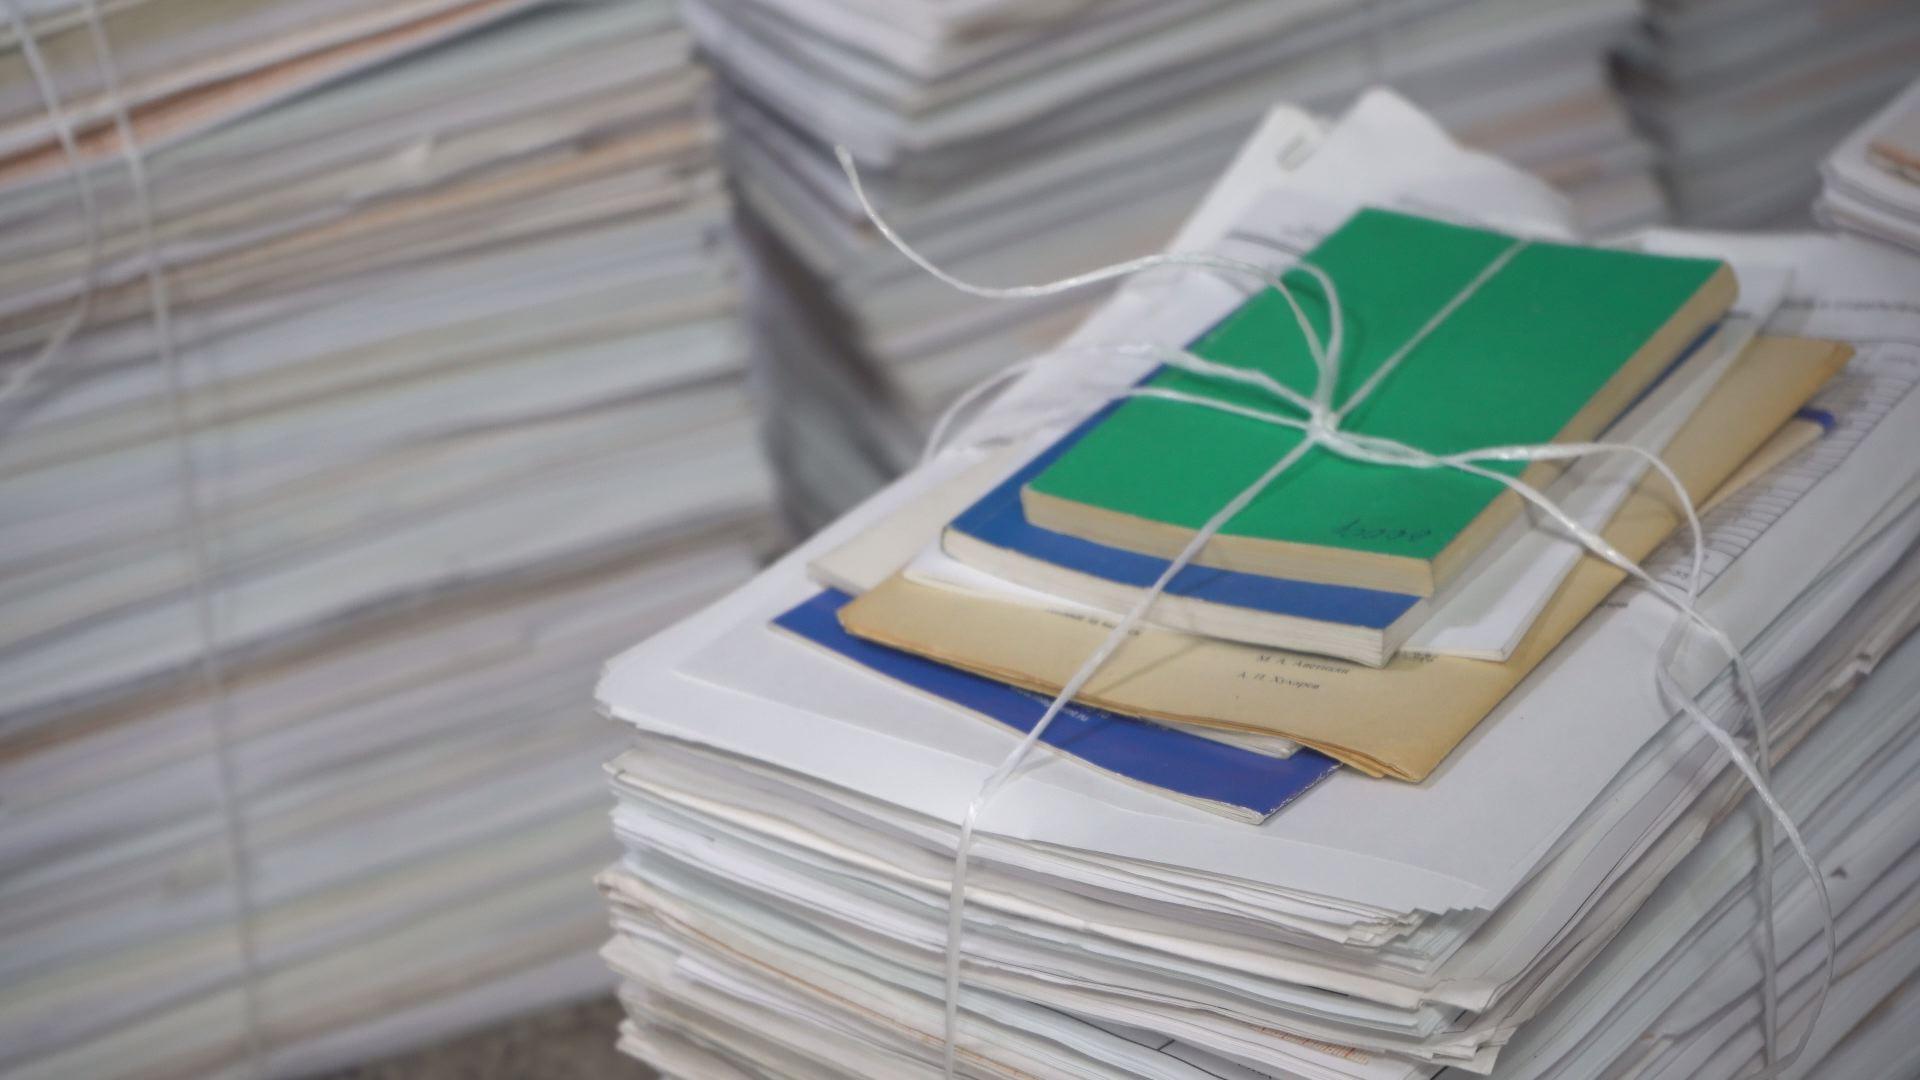 Сохраняя лес: волонтеры ИрГУПС собрали 2 тонны макулатуры